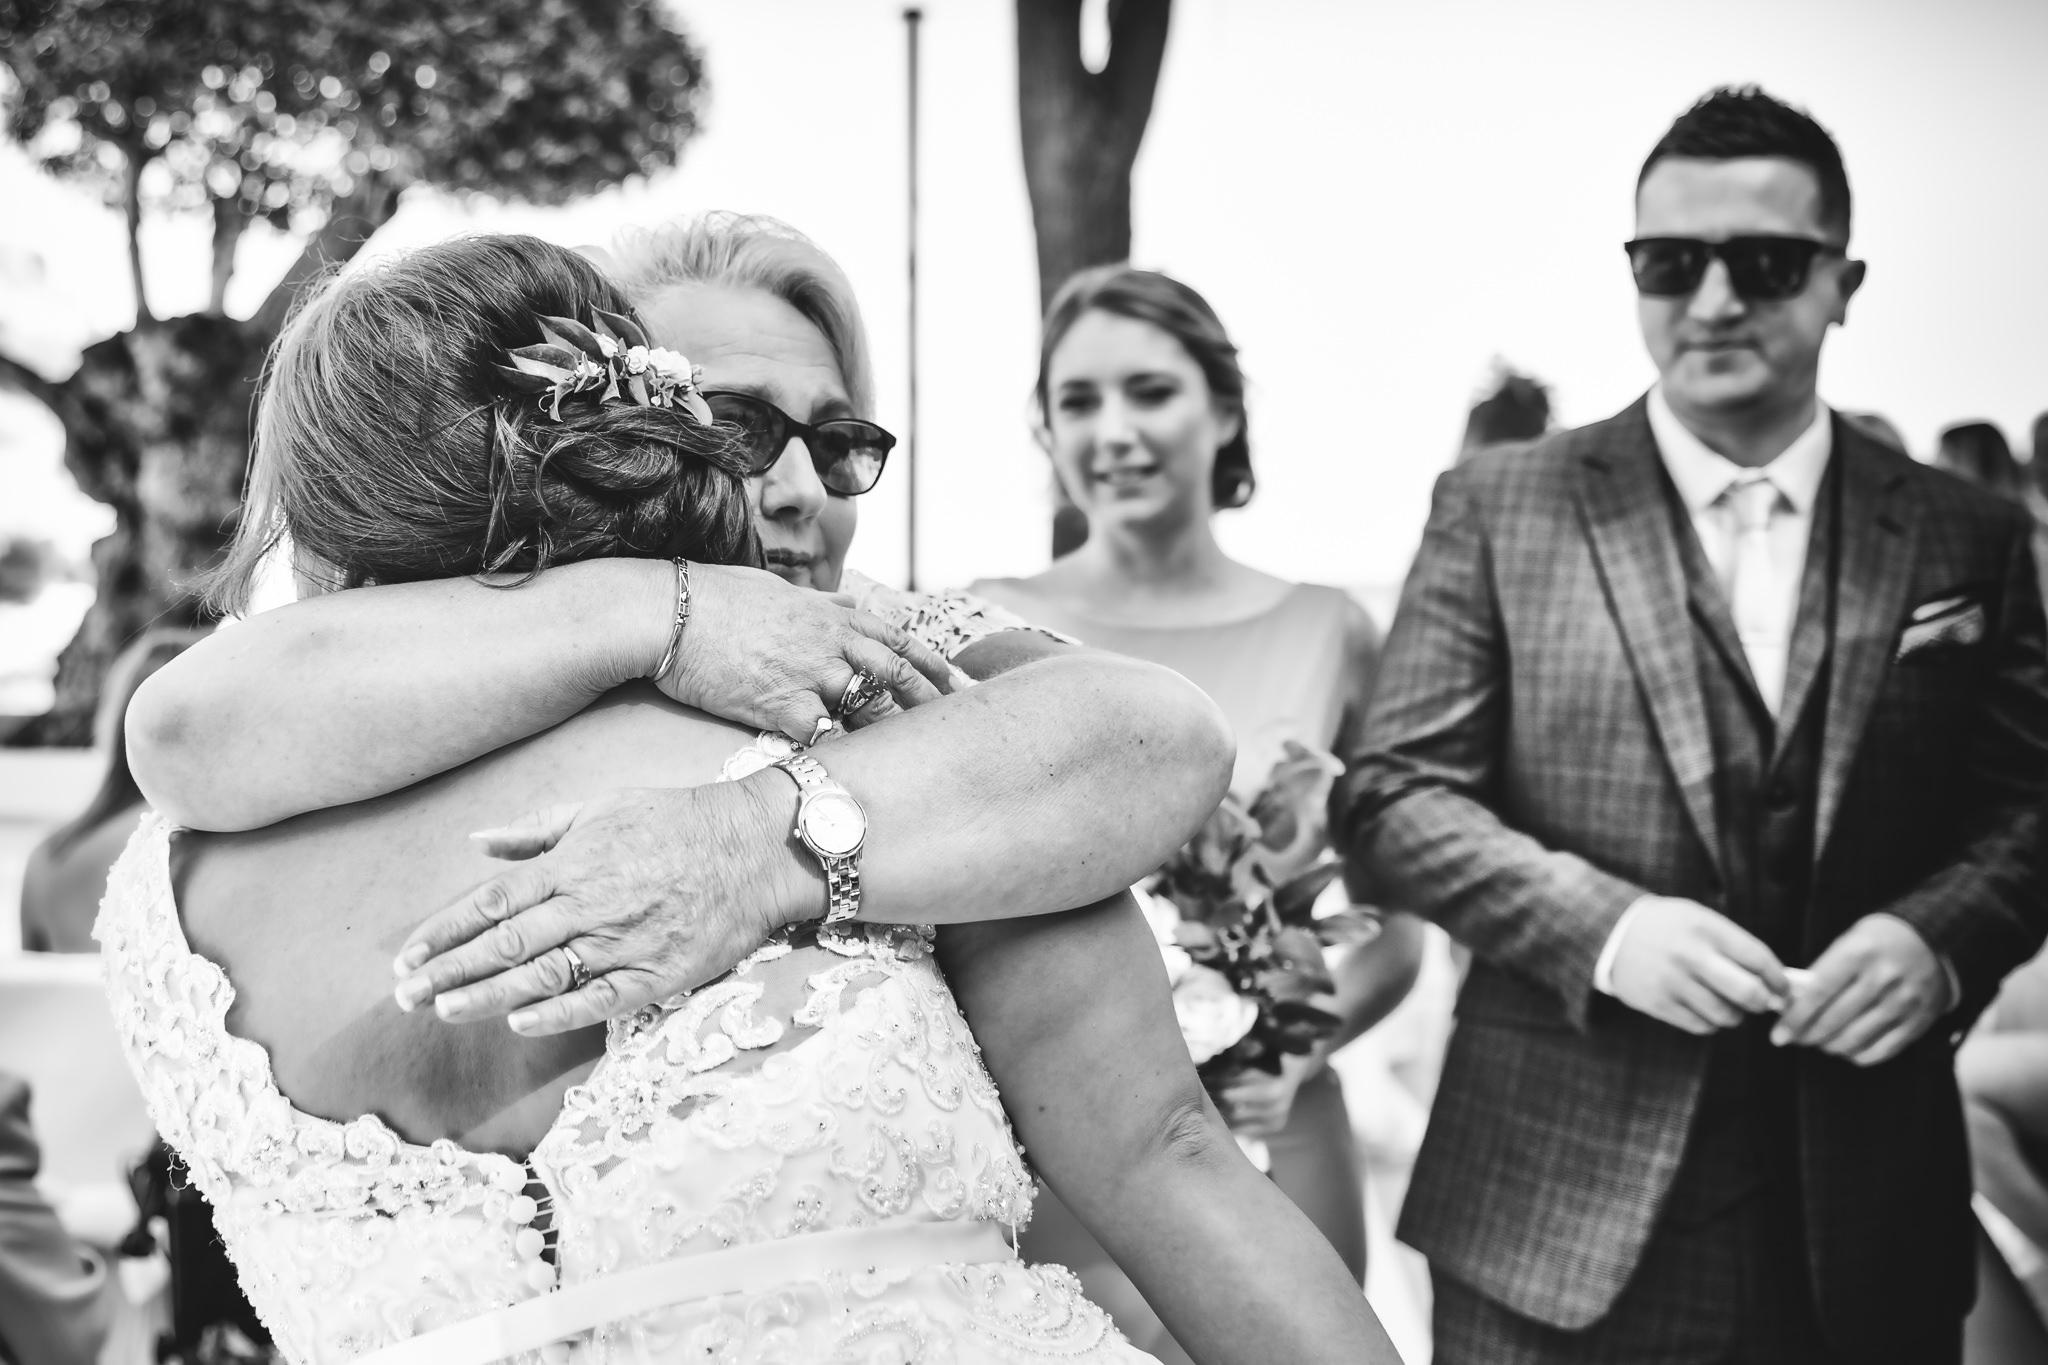 043-2019-04-27-Wedding-Michelle-e-Callum-5DE-564